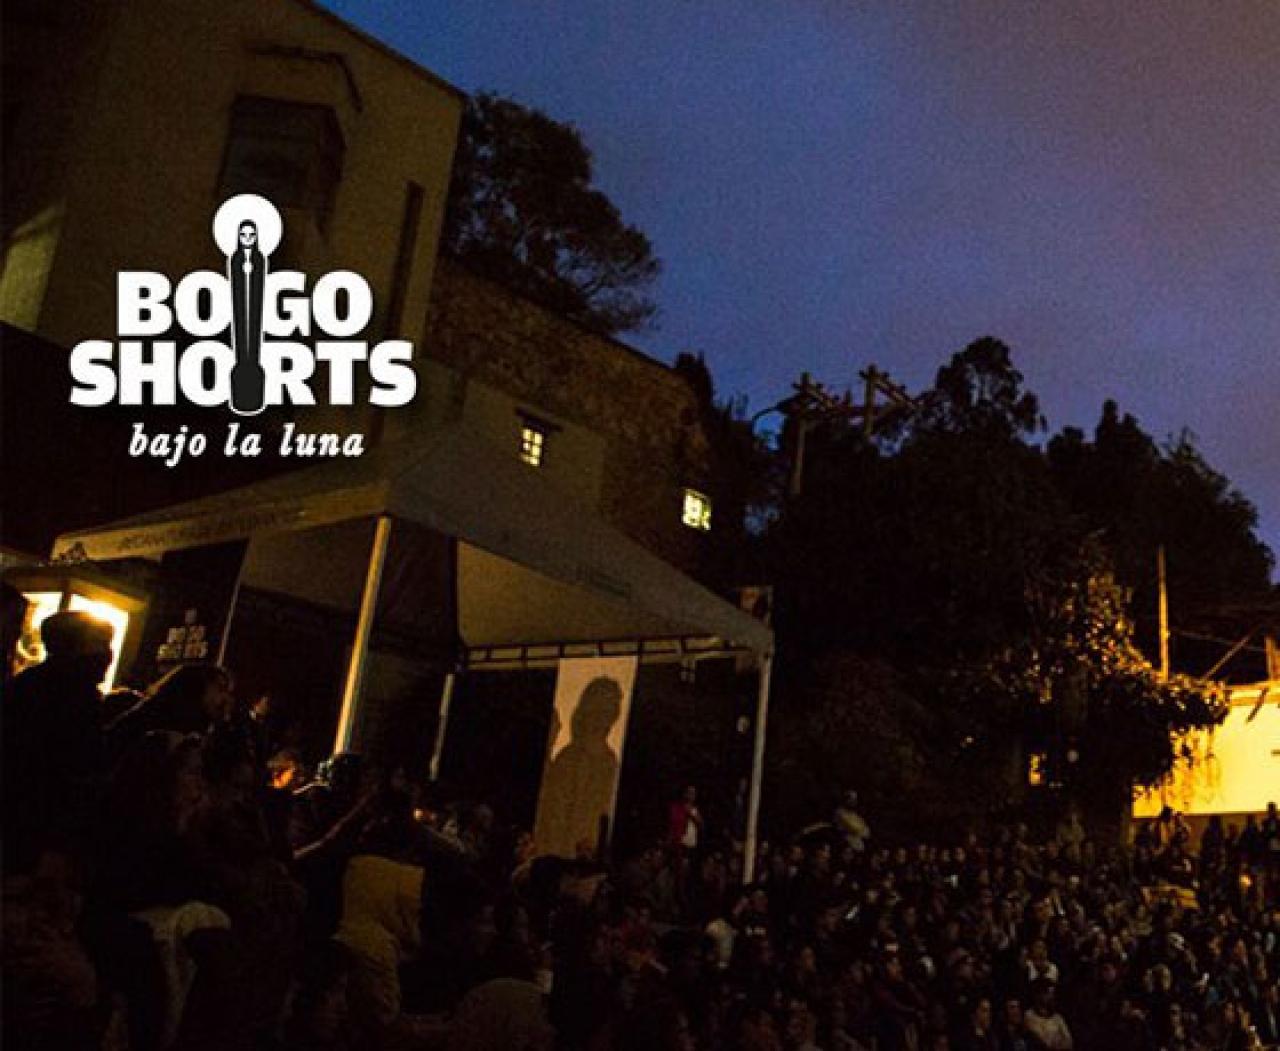 El festival de cortos de Bogotá: Una alternativa cinematográfica